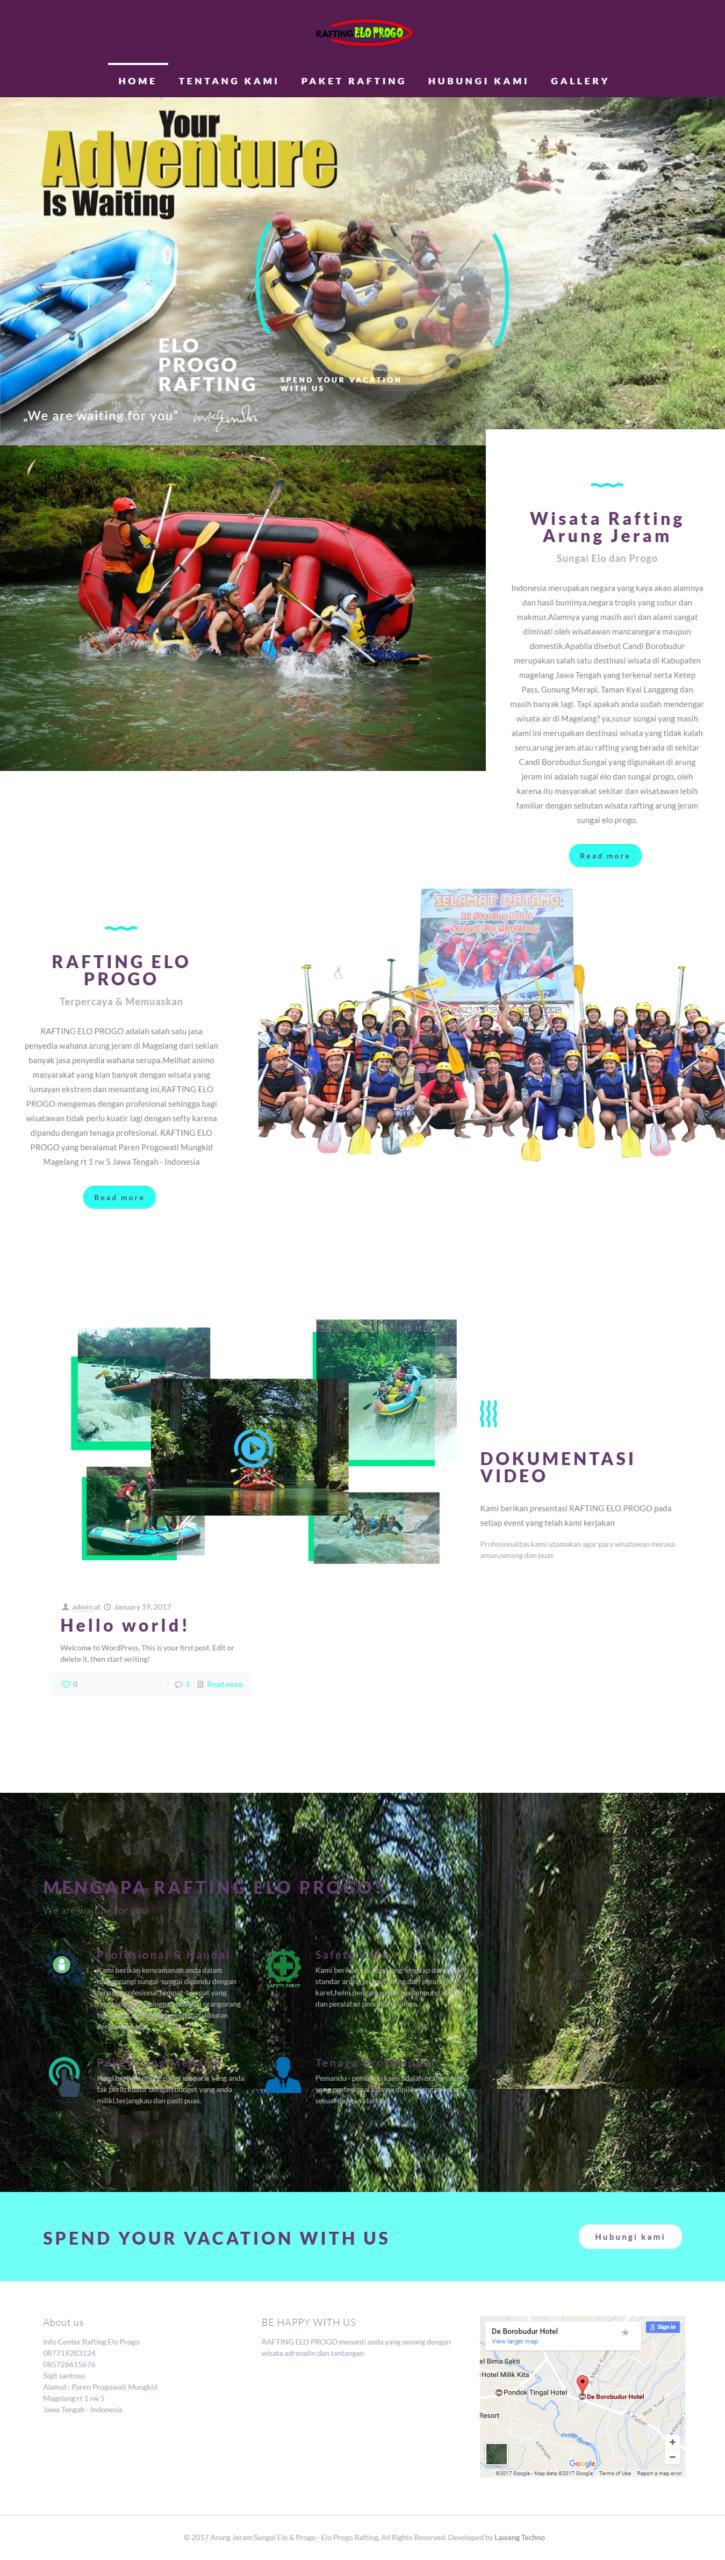 jasa pembuatan website paket rafting arung jeram cave tubing pindul dll